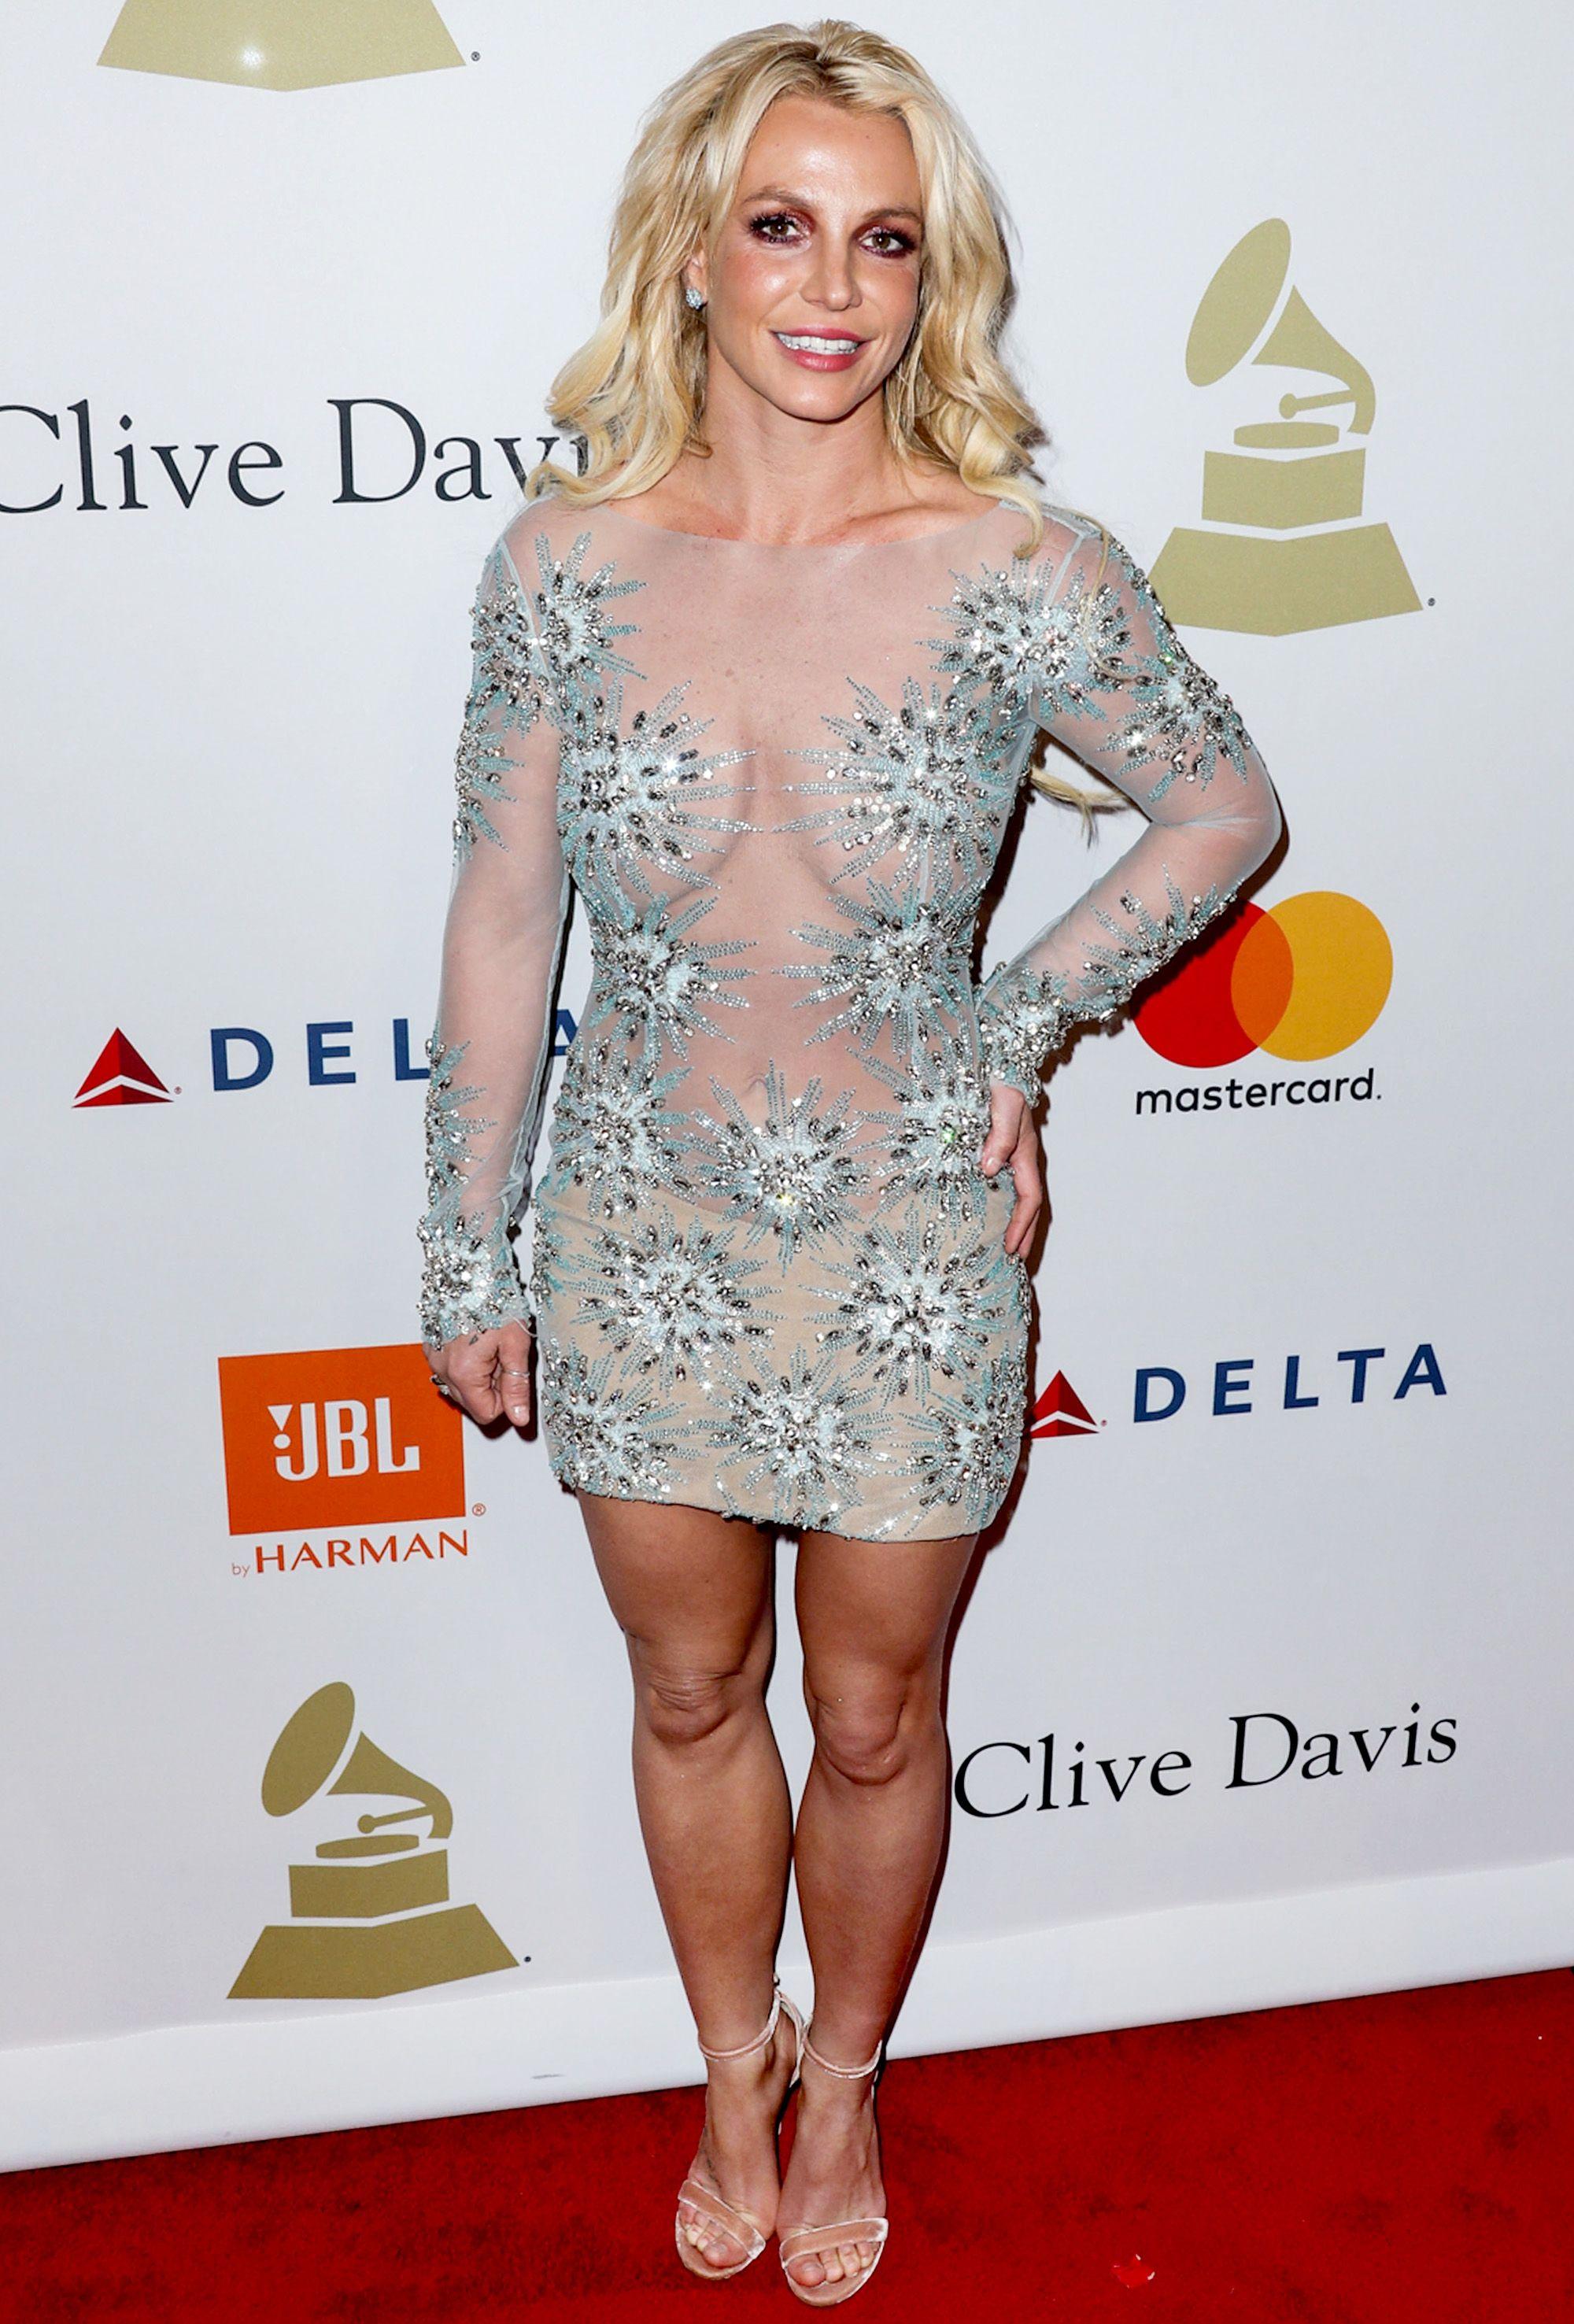 Бритни в мини: голливудскую певицу раскритиковали за слишком откровенное платье - фото 371777